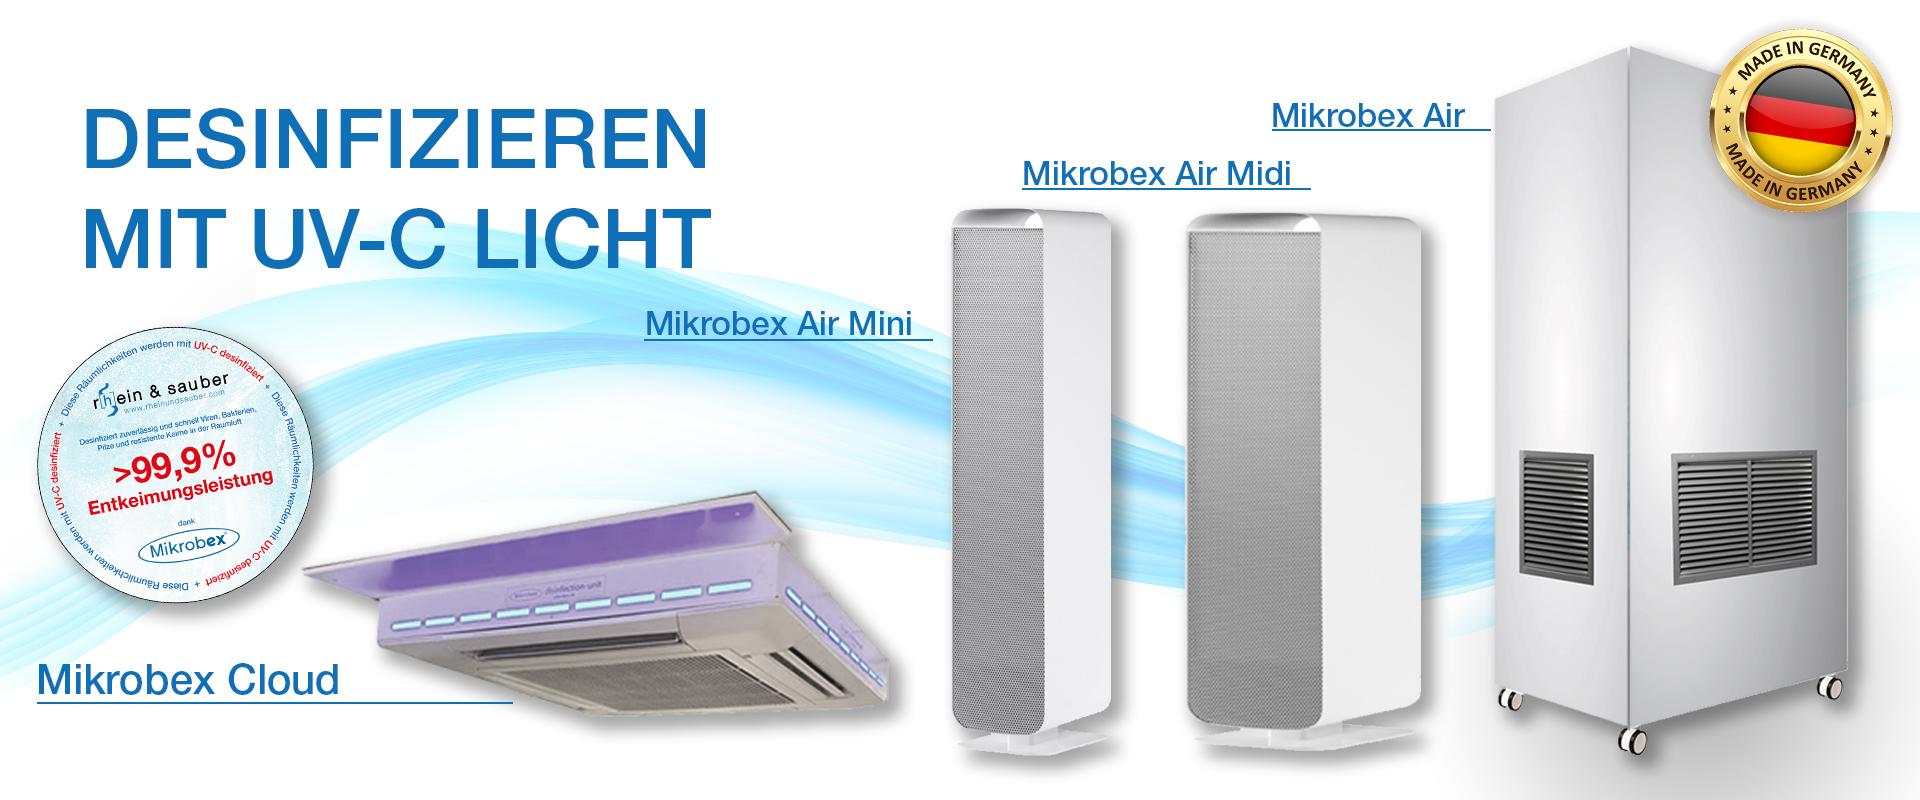 Rhein und Sauber Mikrobex Banner